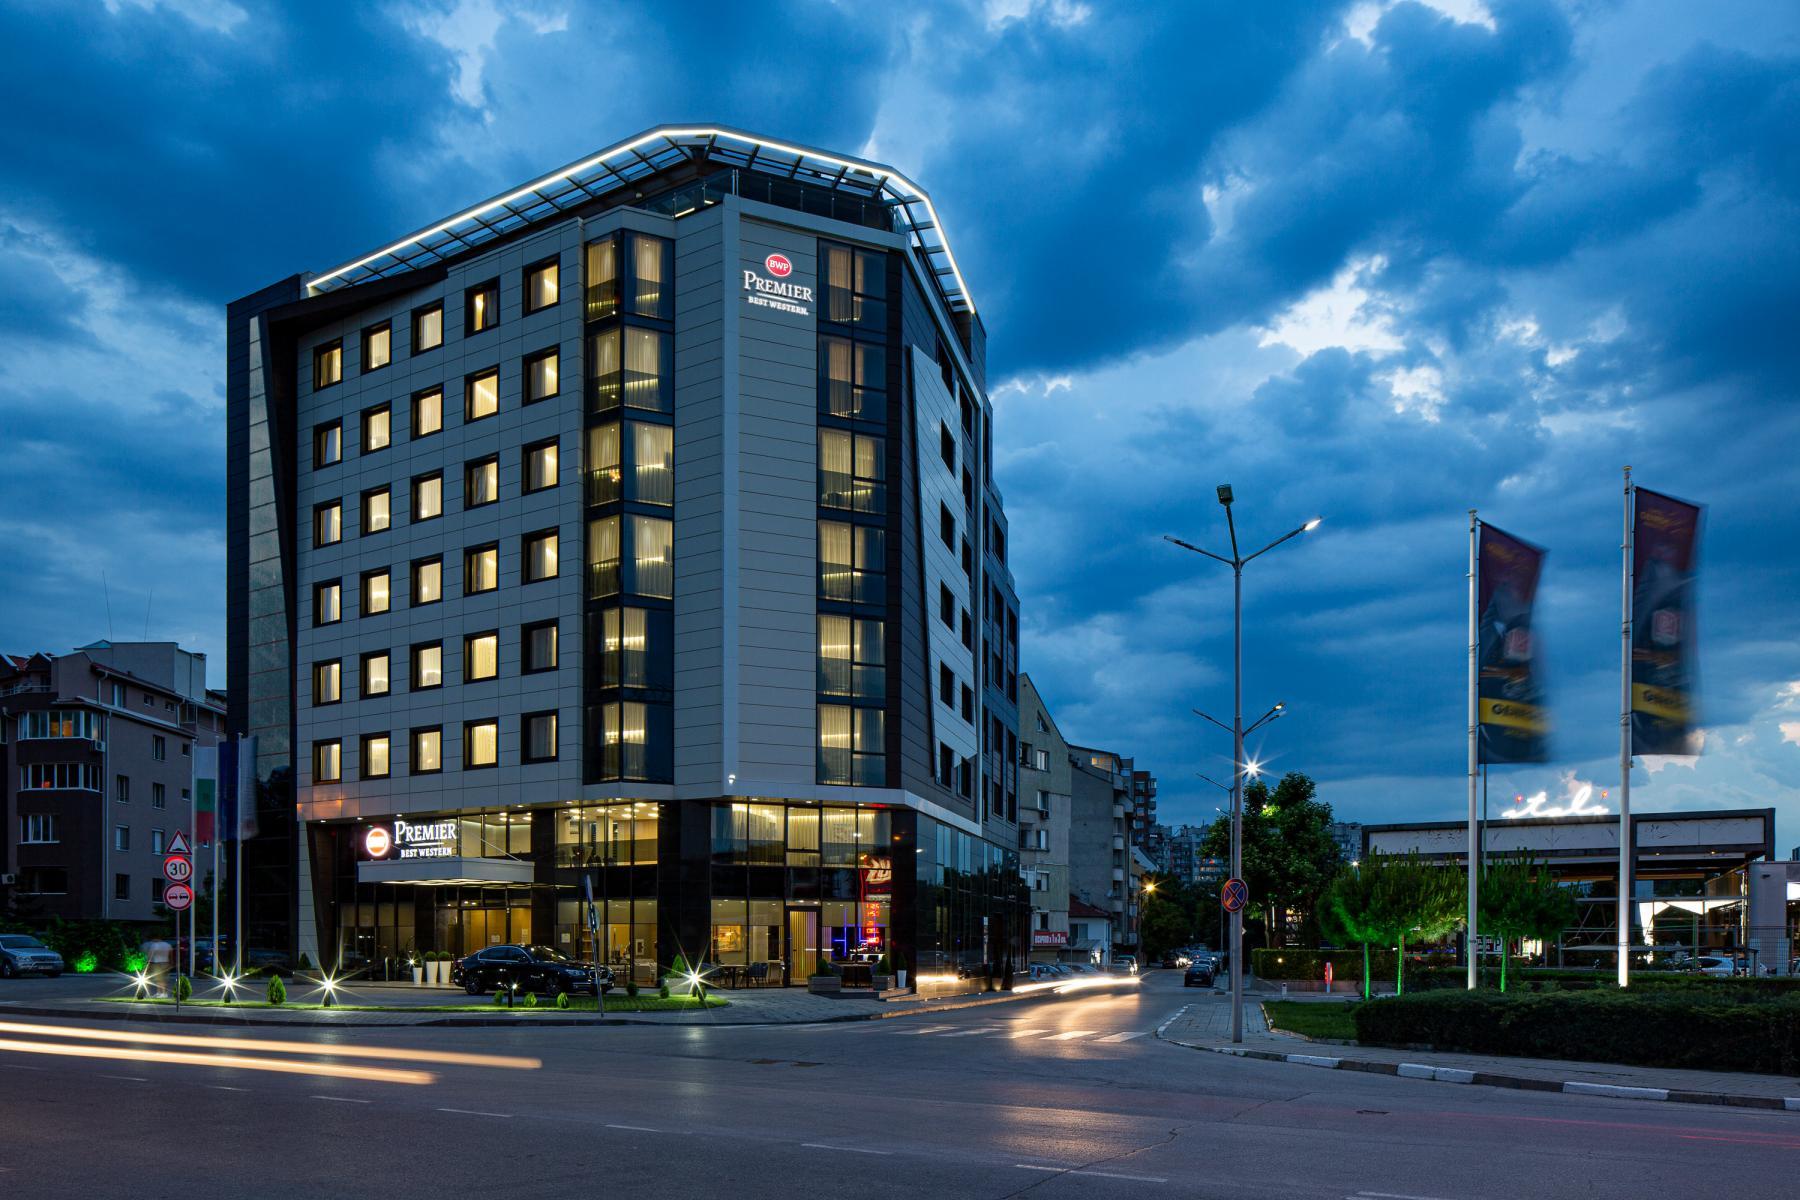 Нощувка със закуска за двама в хотел Бест Уестърн Премиер****, Пловдив, снимка 2